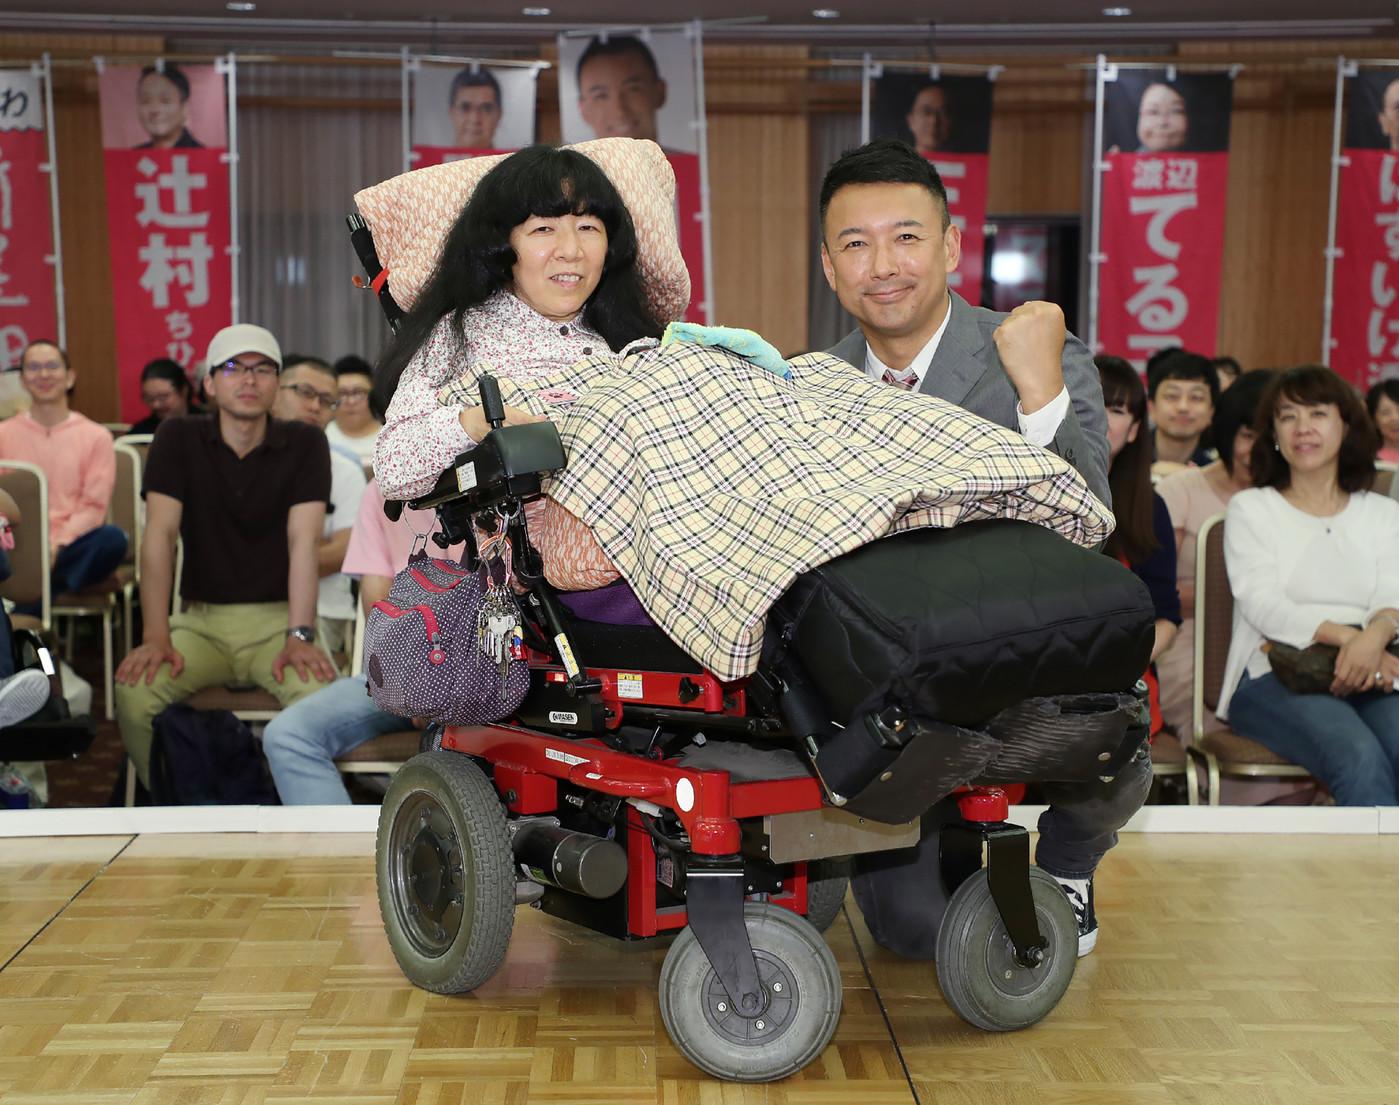 """Taro Yamamoto, leader du nouveau parti d'opposition """"Reiwa Shinsengumi"""" et la candidate du parti Eiko Kimura, atteinte d'une paralysie d'origine cérébrale, après l'élection de cette dernière au Sénat japonais, le 22 juillet 2019 à Tokyo afp.com - JIJI PRESS"""